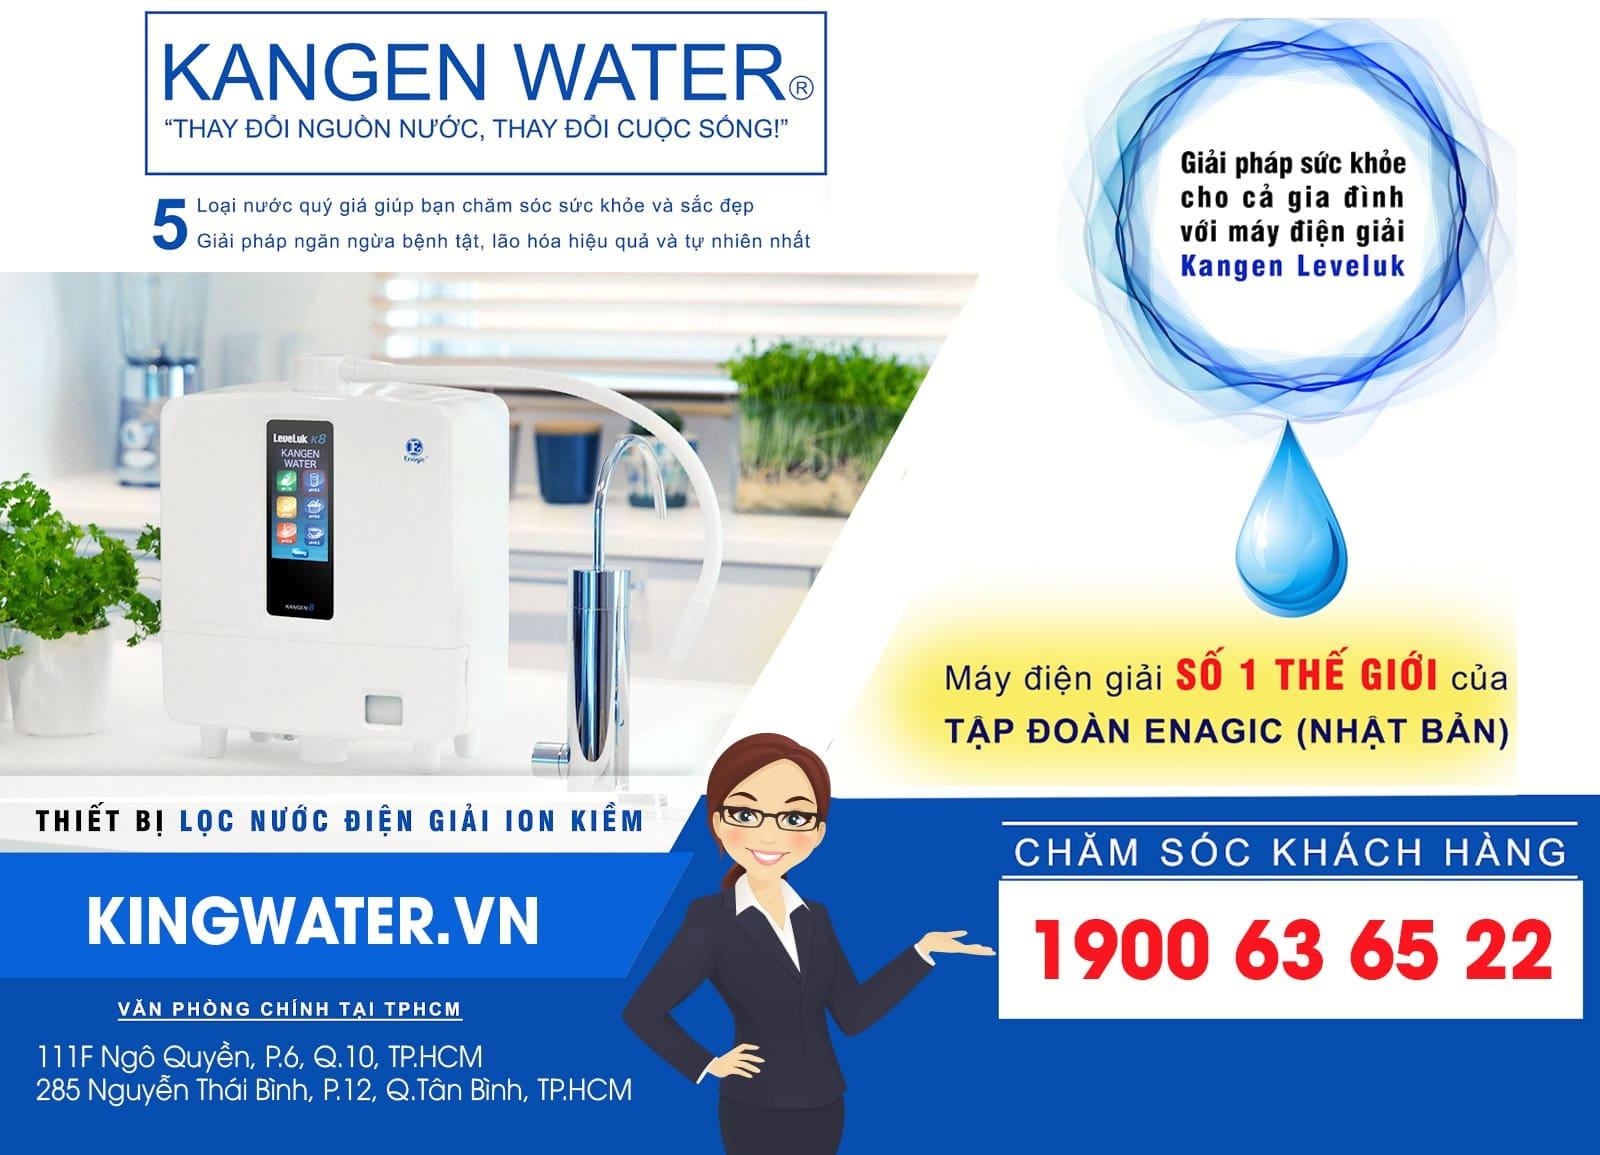 Khách hàng có thể mua máy lọc nước Kangen K8 ở KingWater